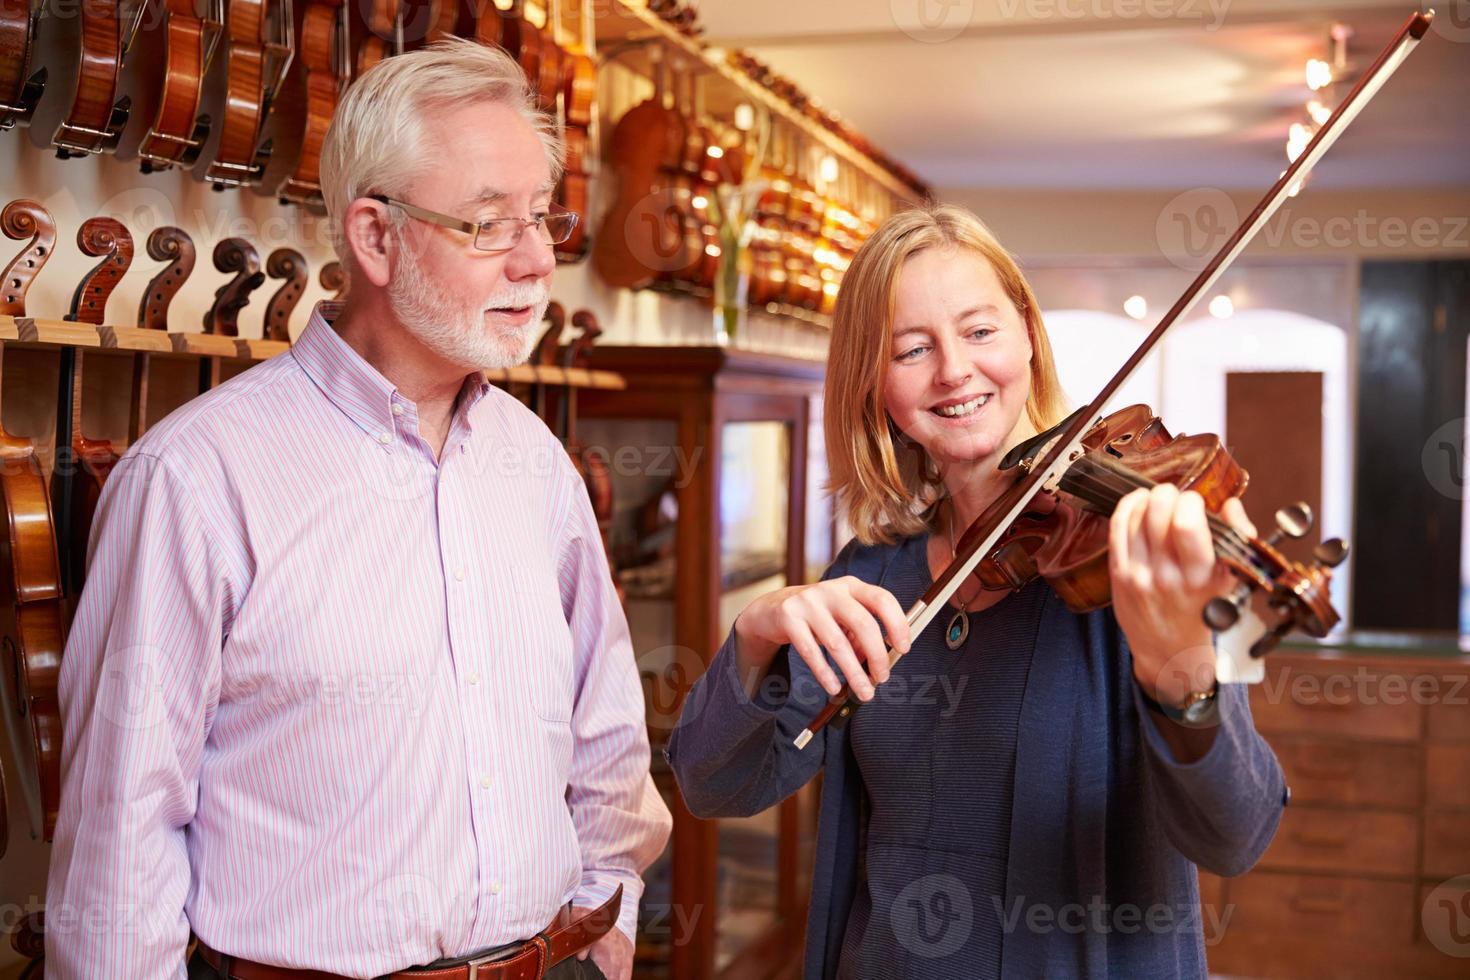 Kunde probiert Geige im Musikgeschäft aus foto